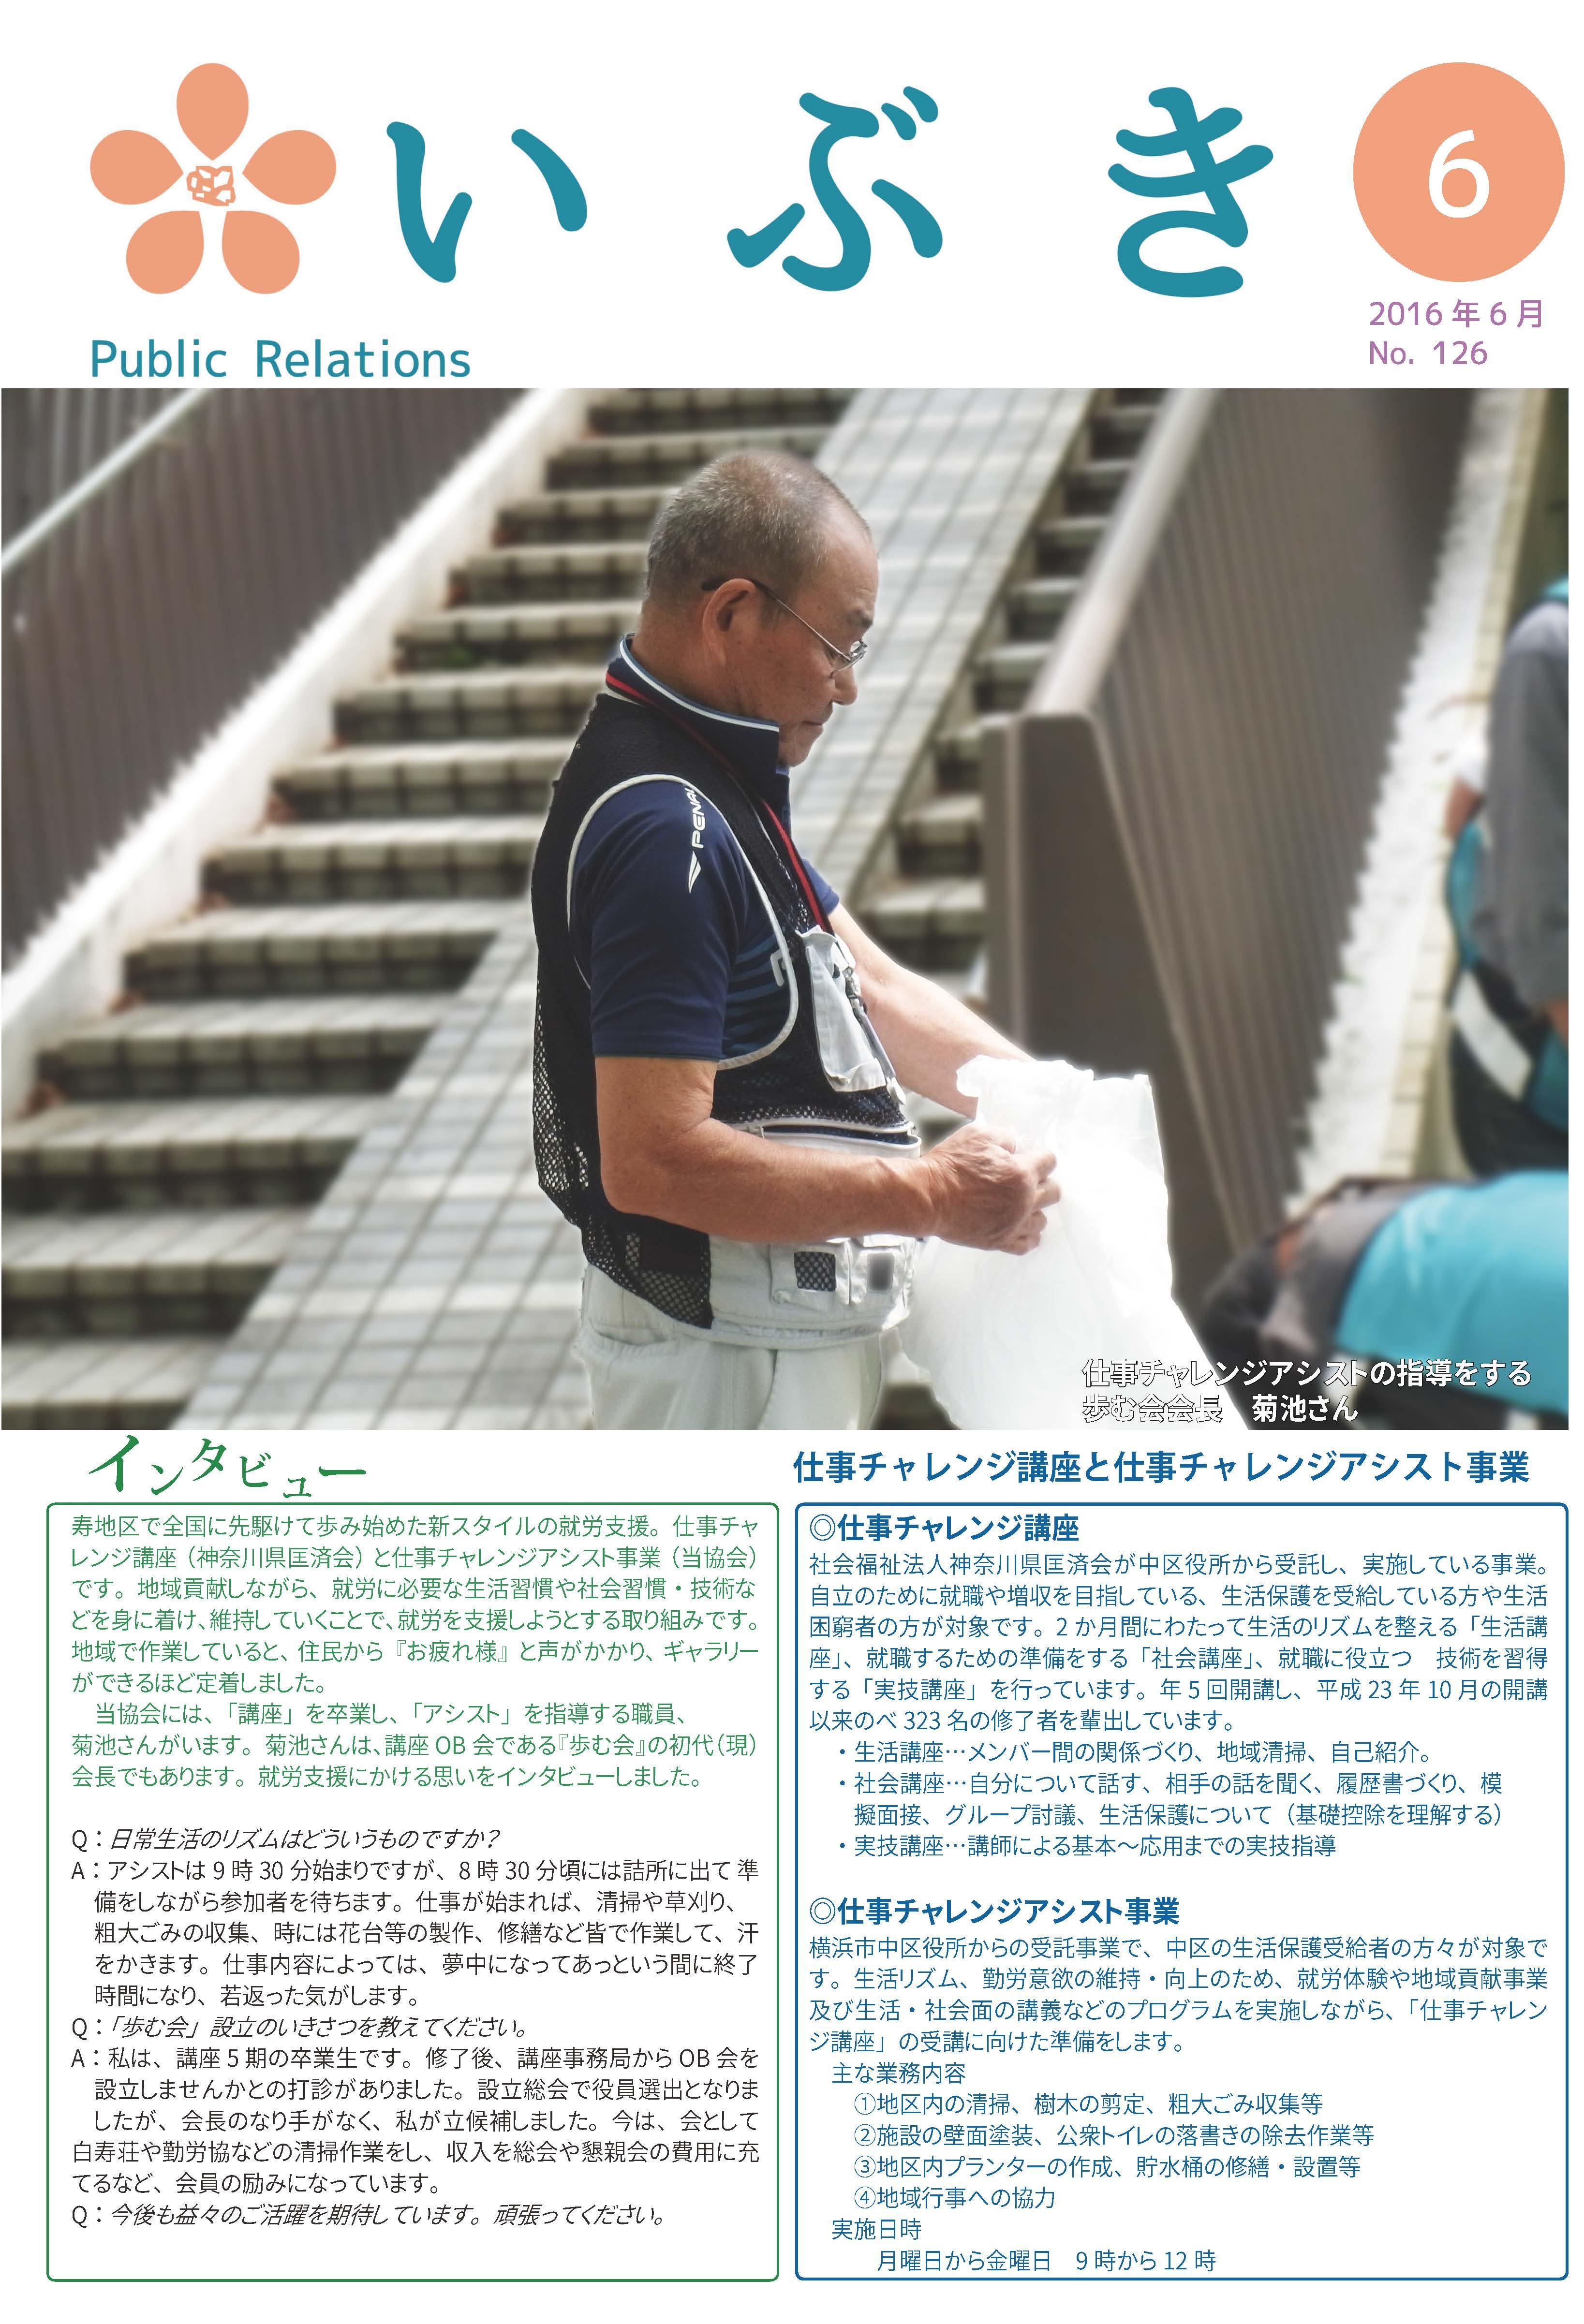 広報誌いぶき2016.6月号(No.126)